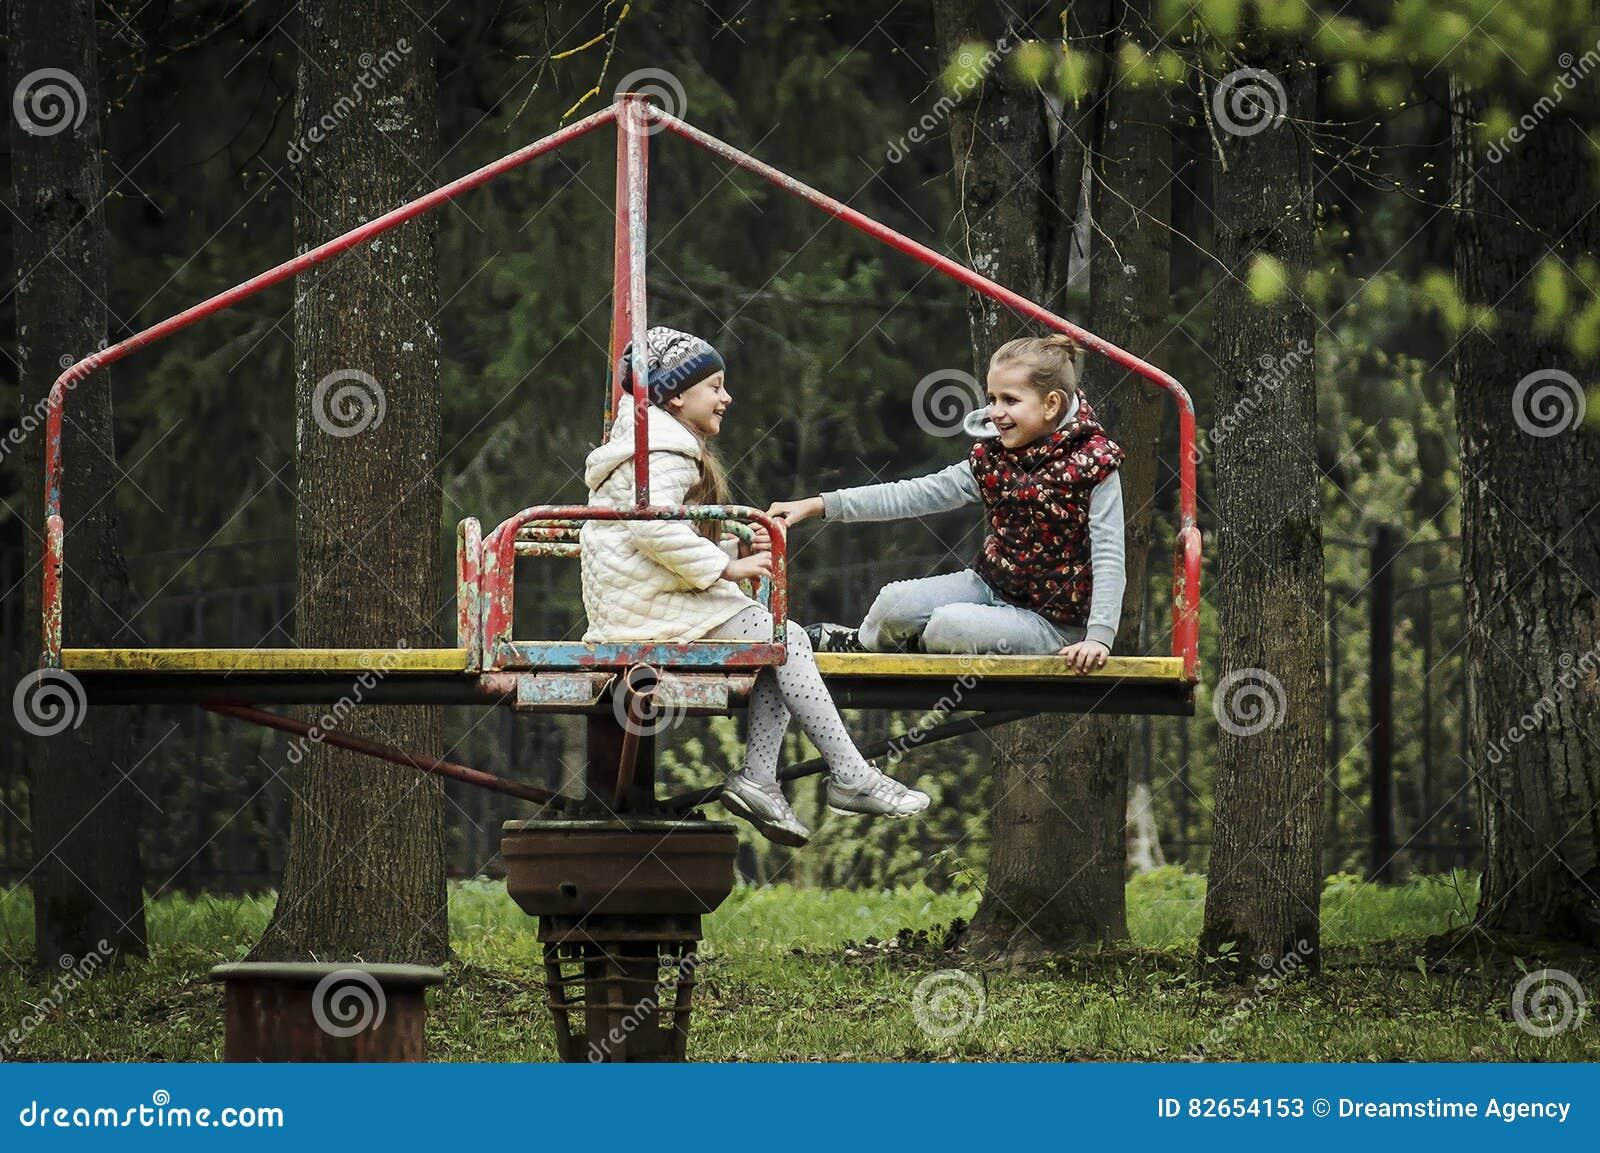 Children`s joy on the carousel.